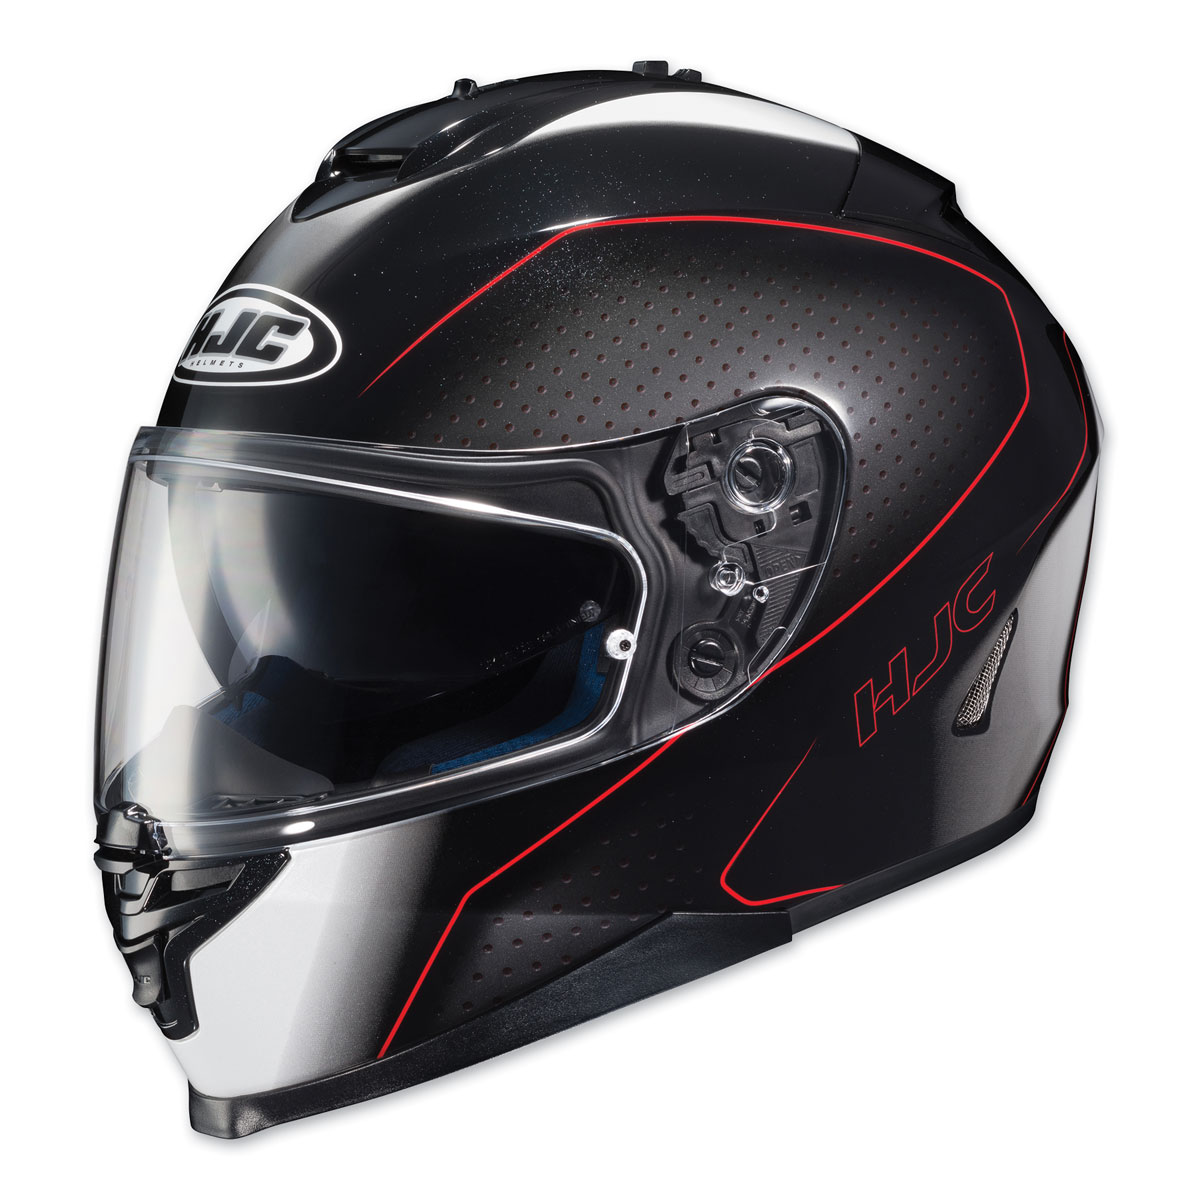 HJC IS-17 Arcus Black/Red Full Face Helmet